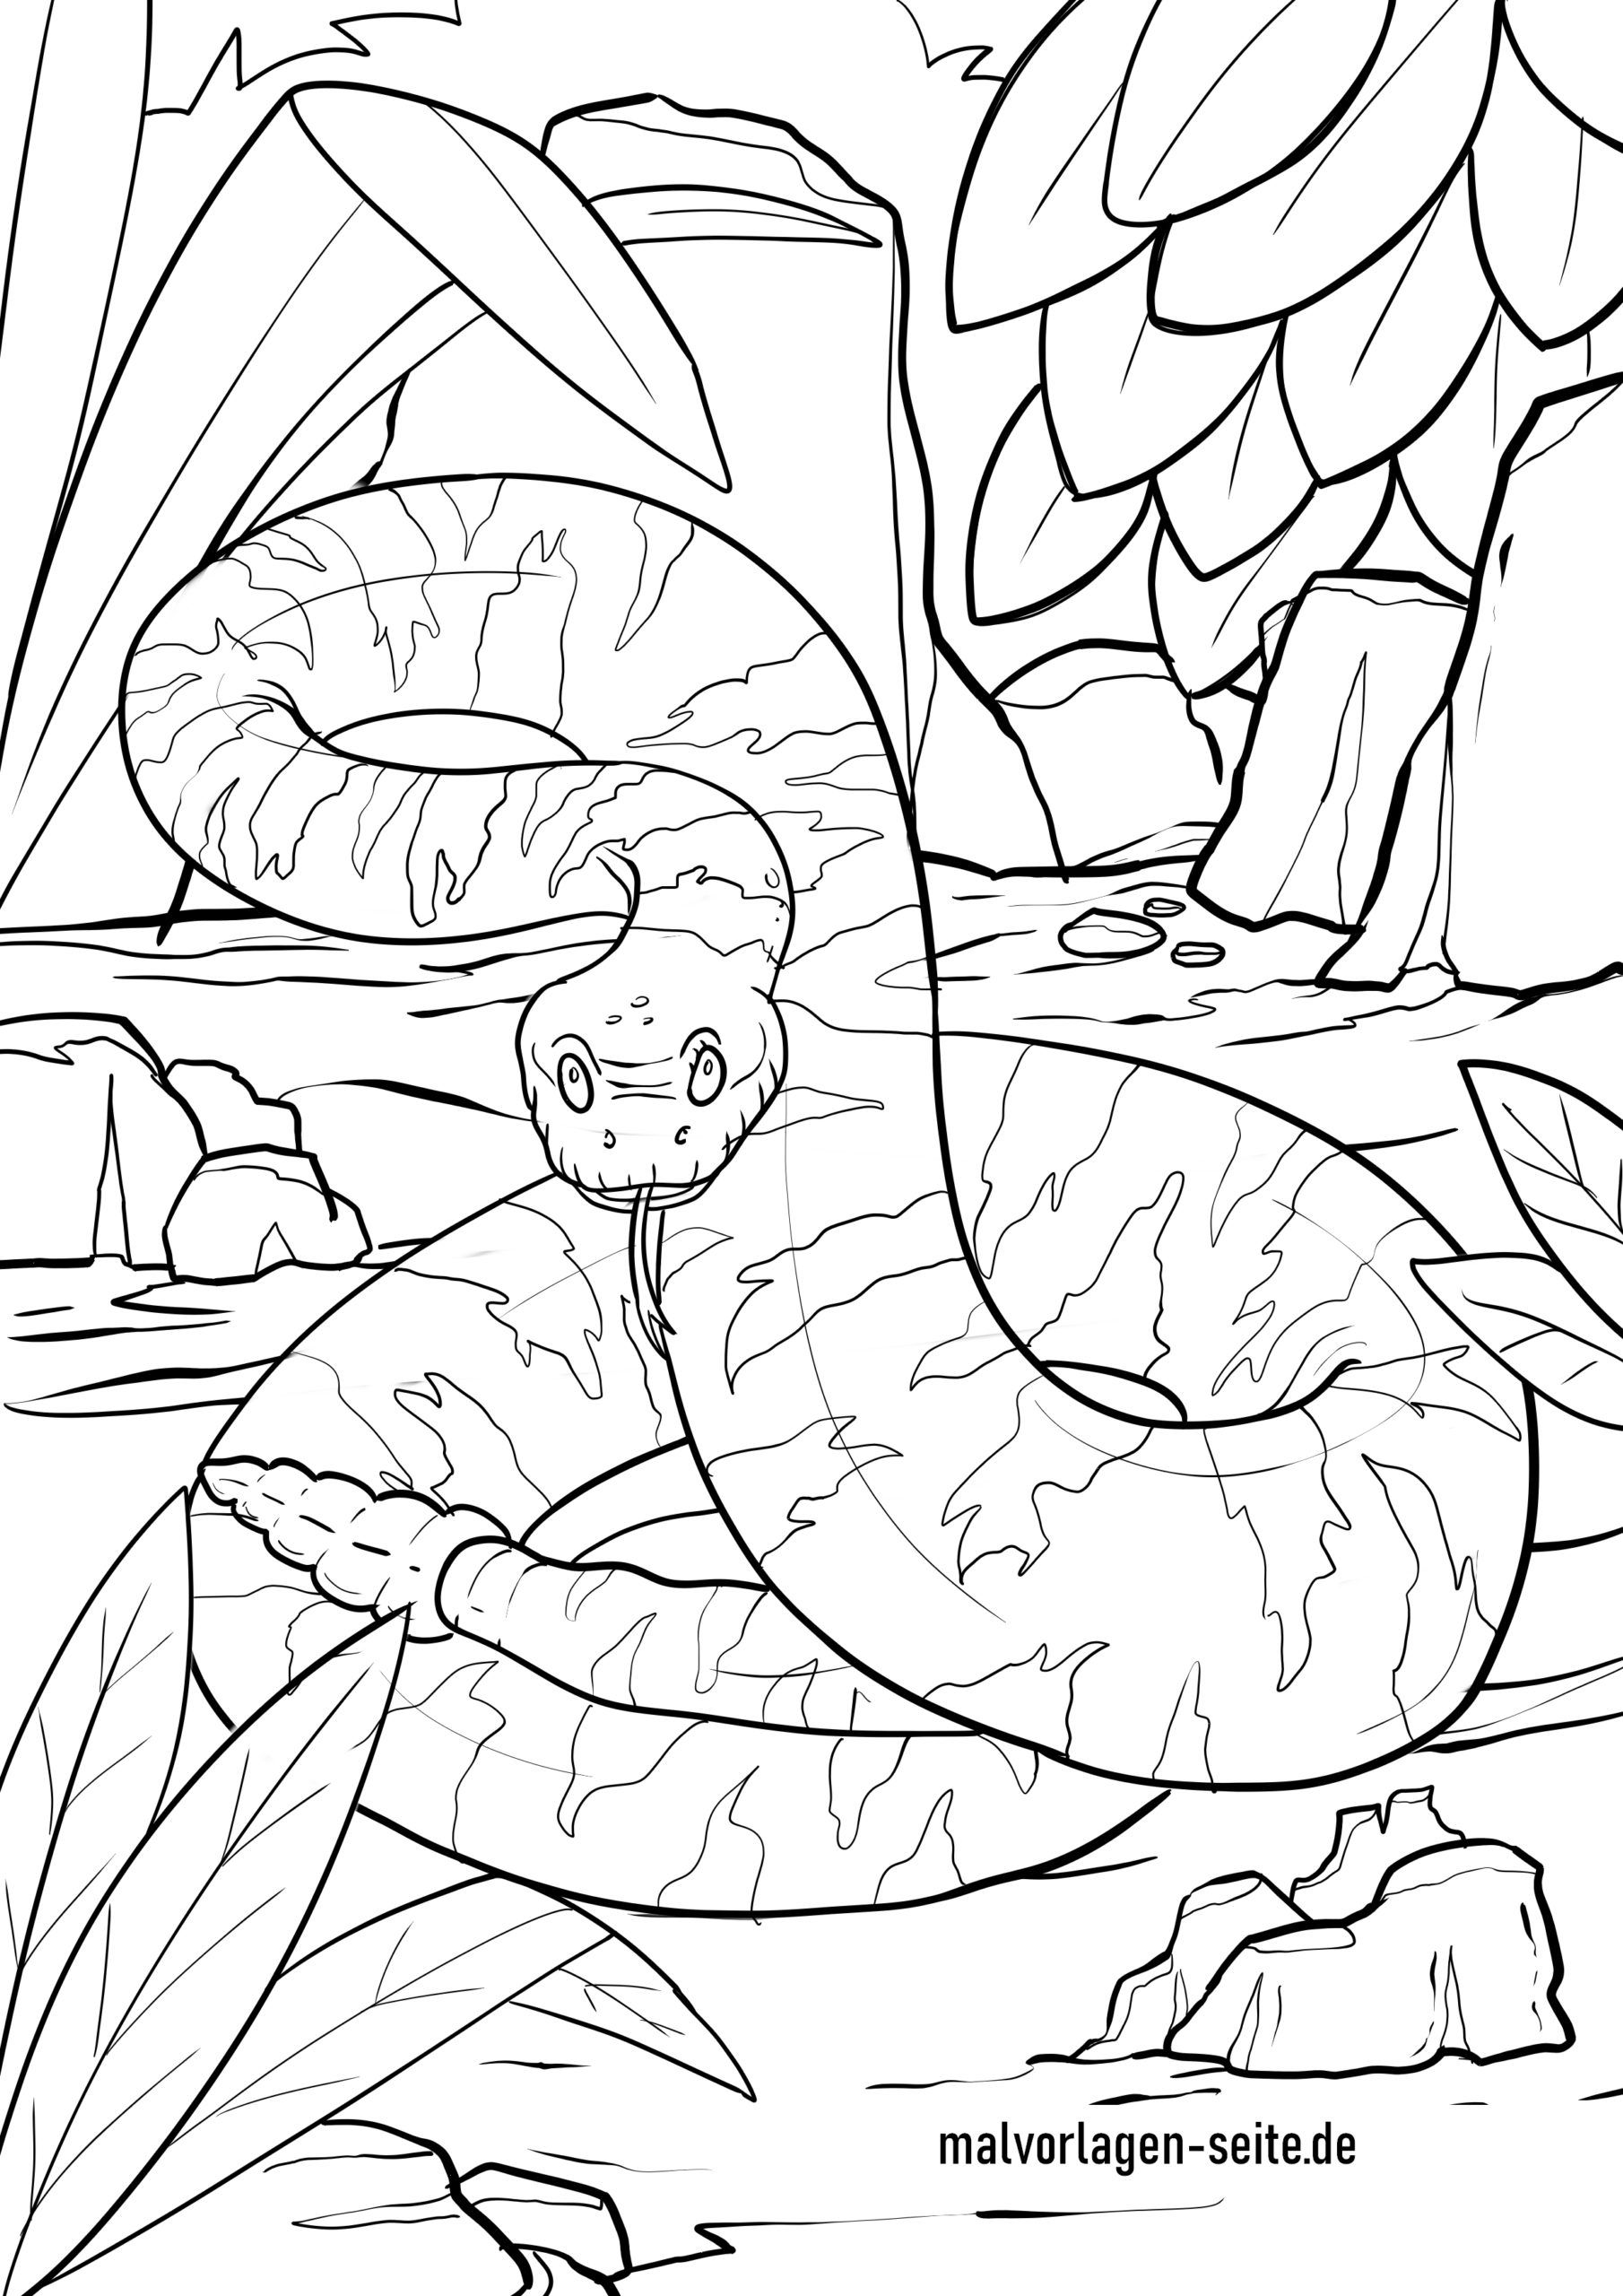 Malvorlage Schlange - Klapperschlange - Kostenlose Ausmalbilder